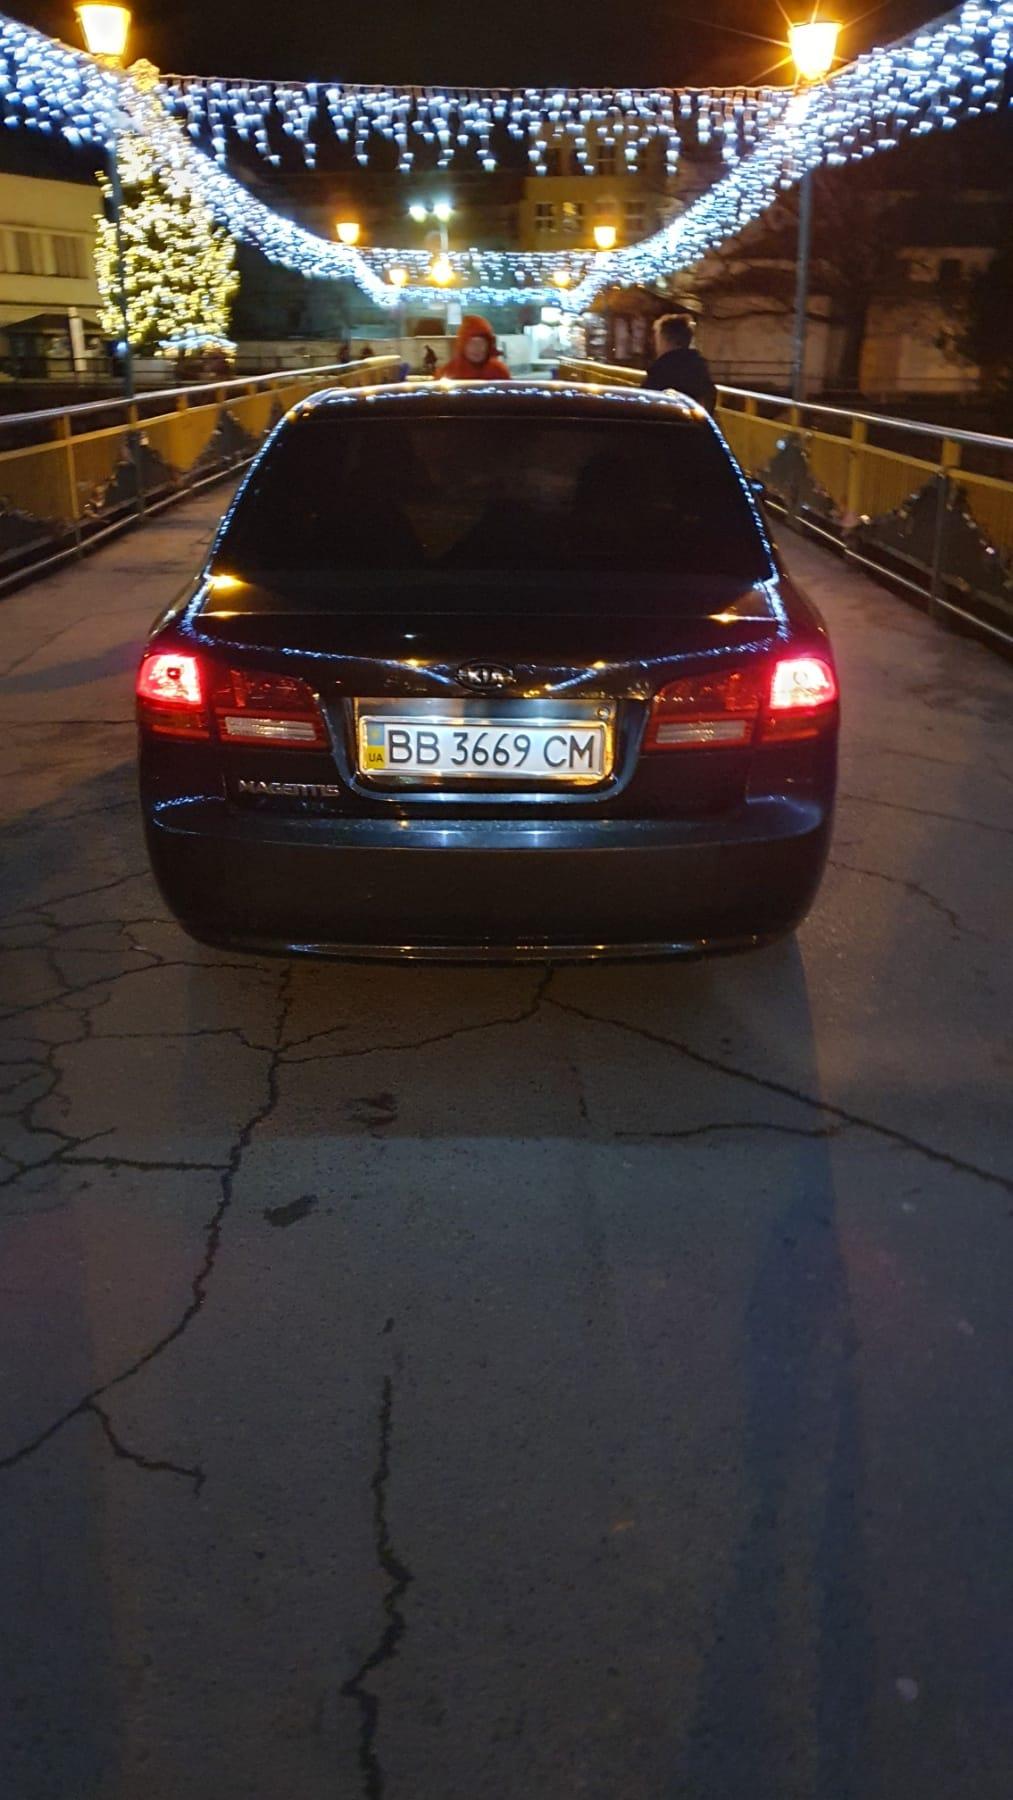 Автомобиль на Луганской регистрации был замечен прямо посреди пешеходного моста возле театралной площади.